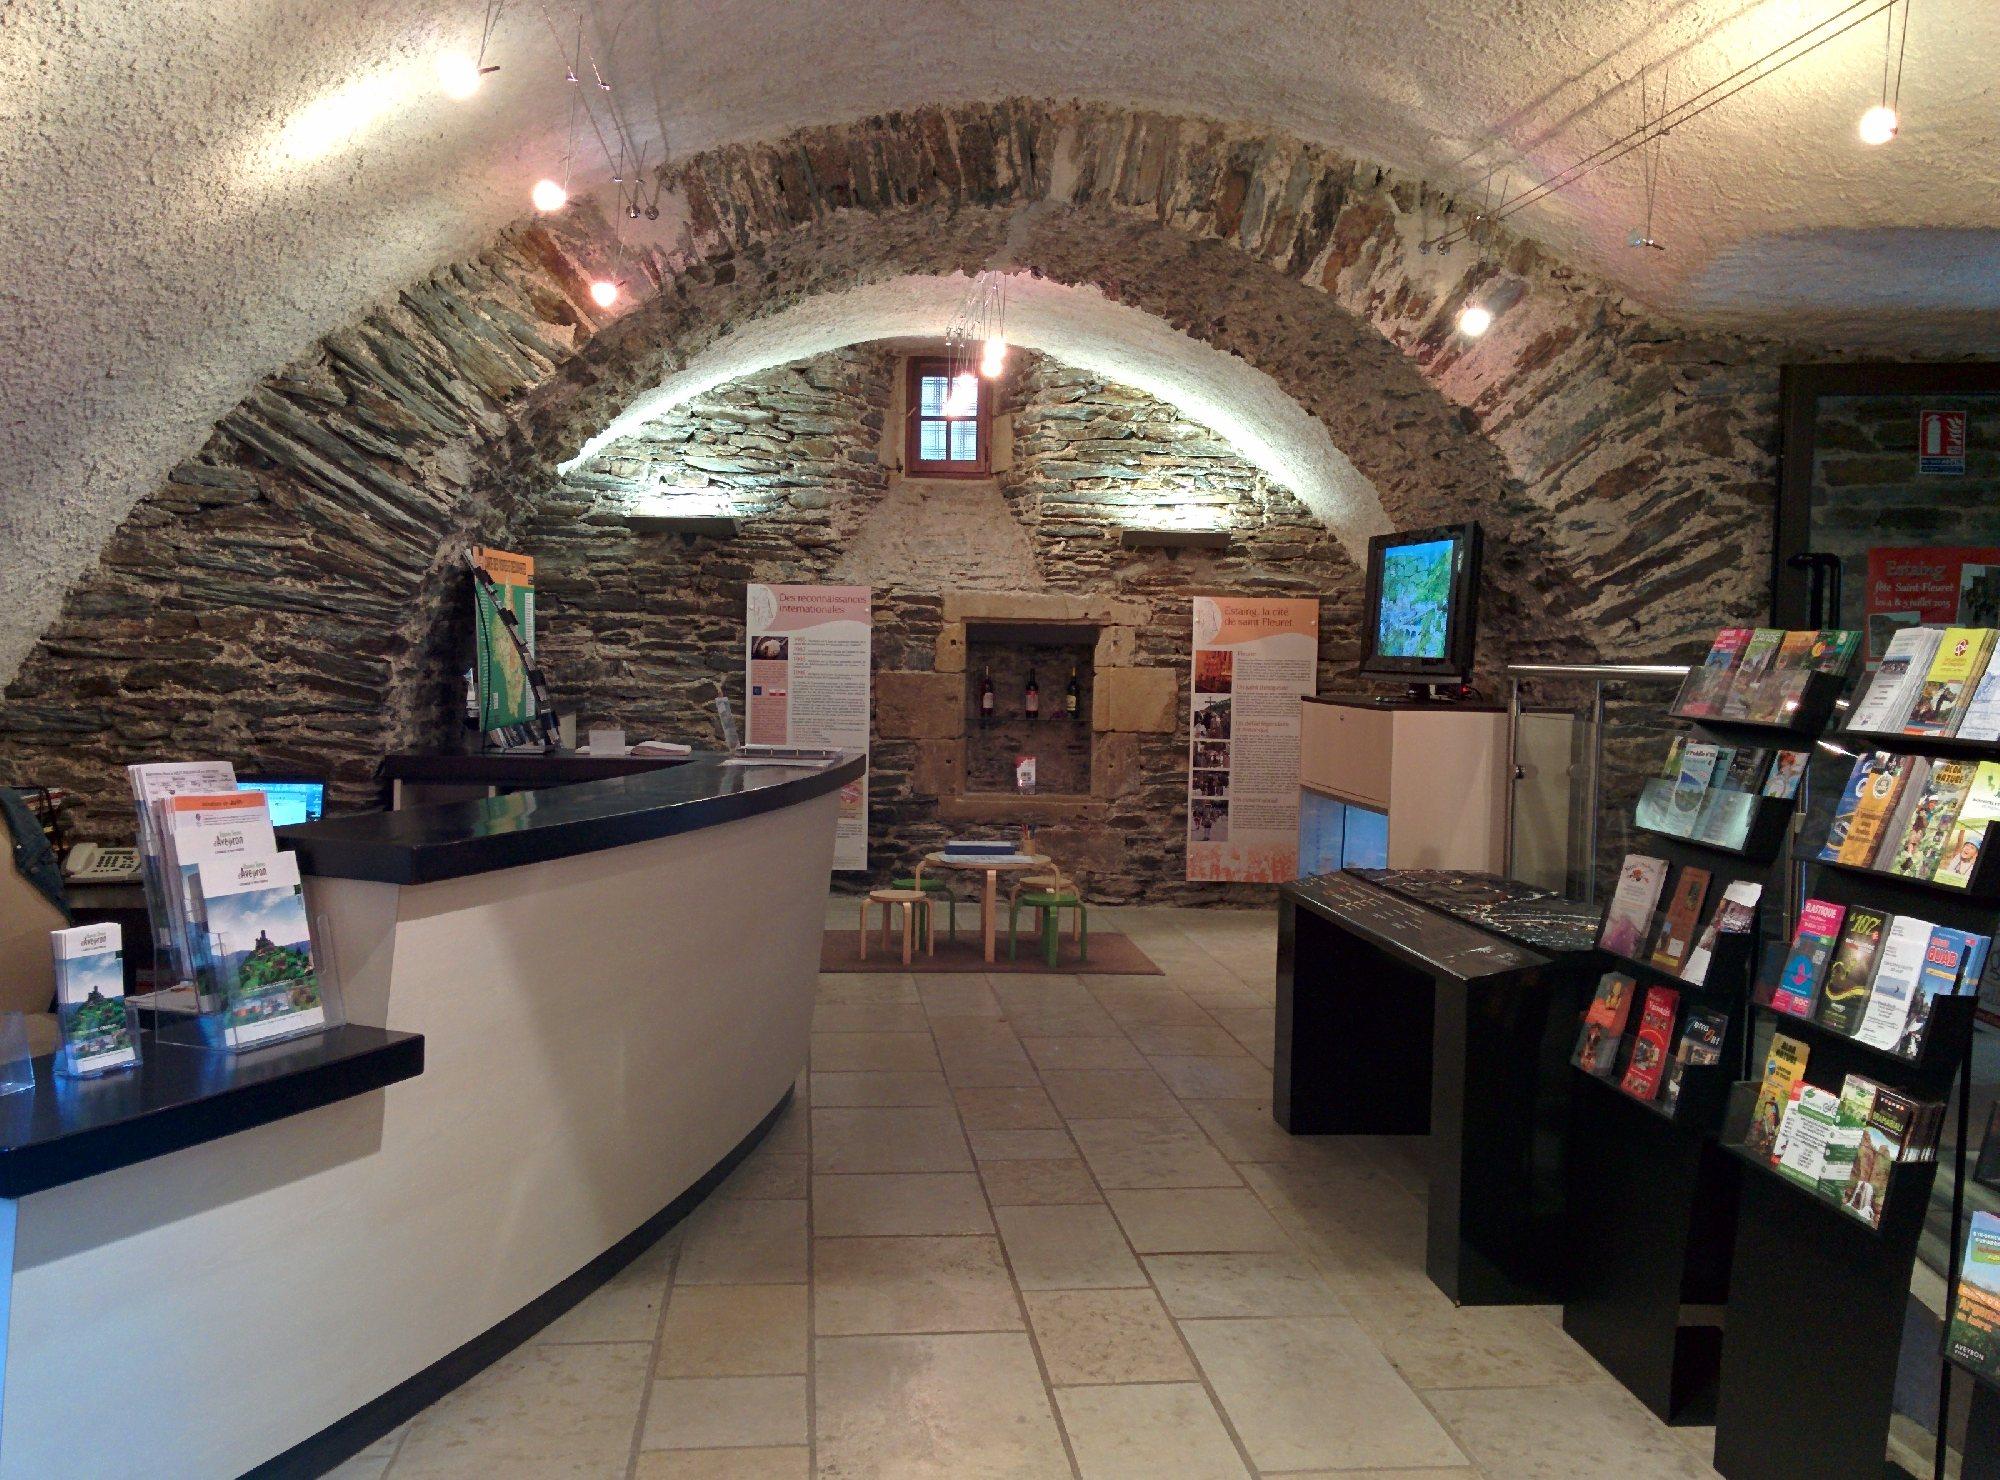 Office de tourisme espalion estaing bureau d 39 estaing tourisme aveyron - Office de tourisme aveyron ...